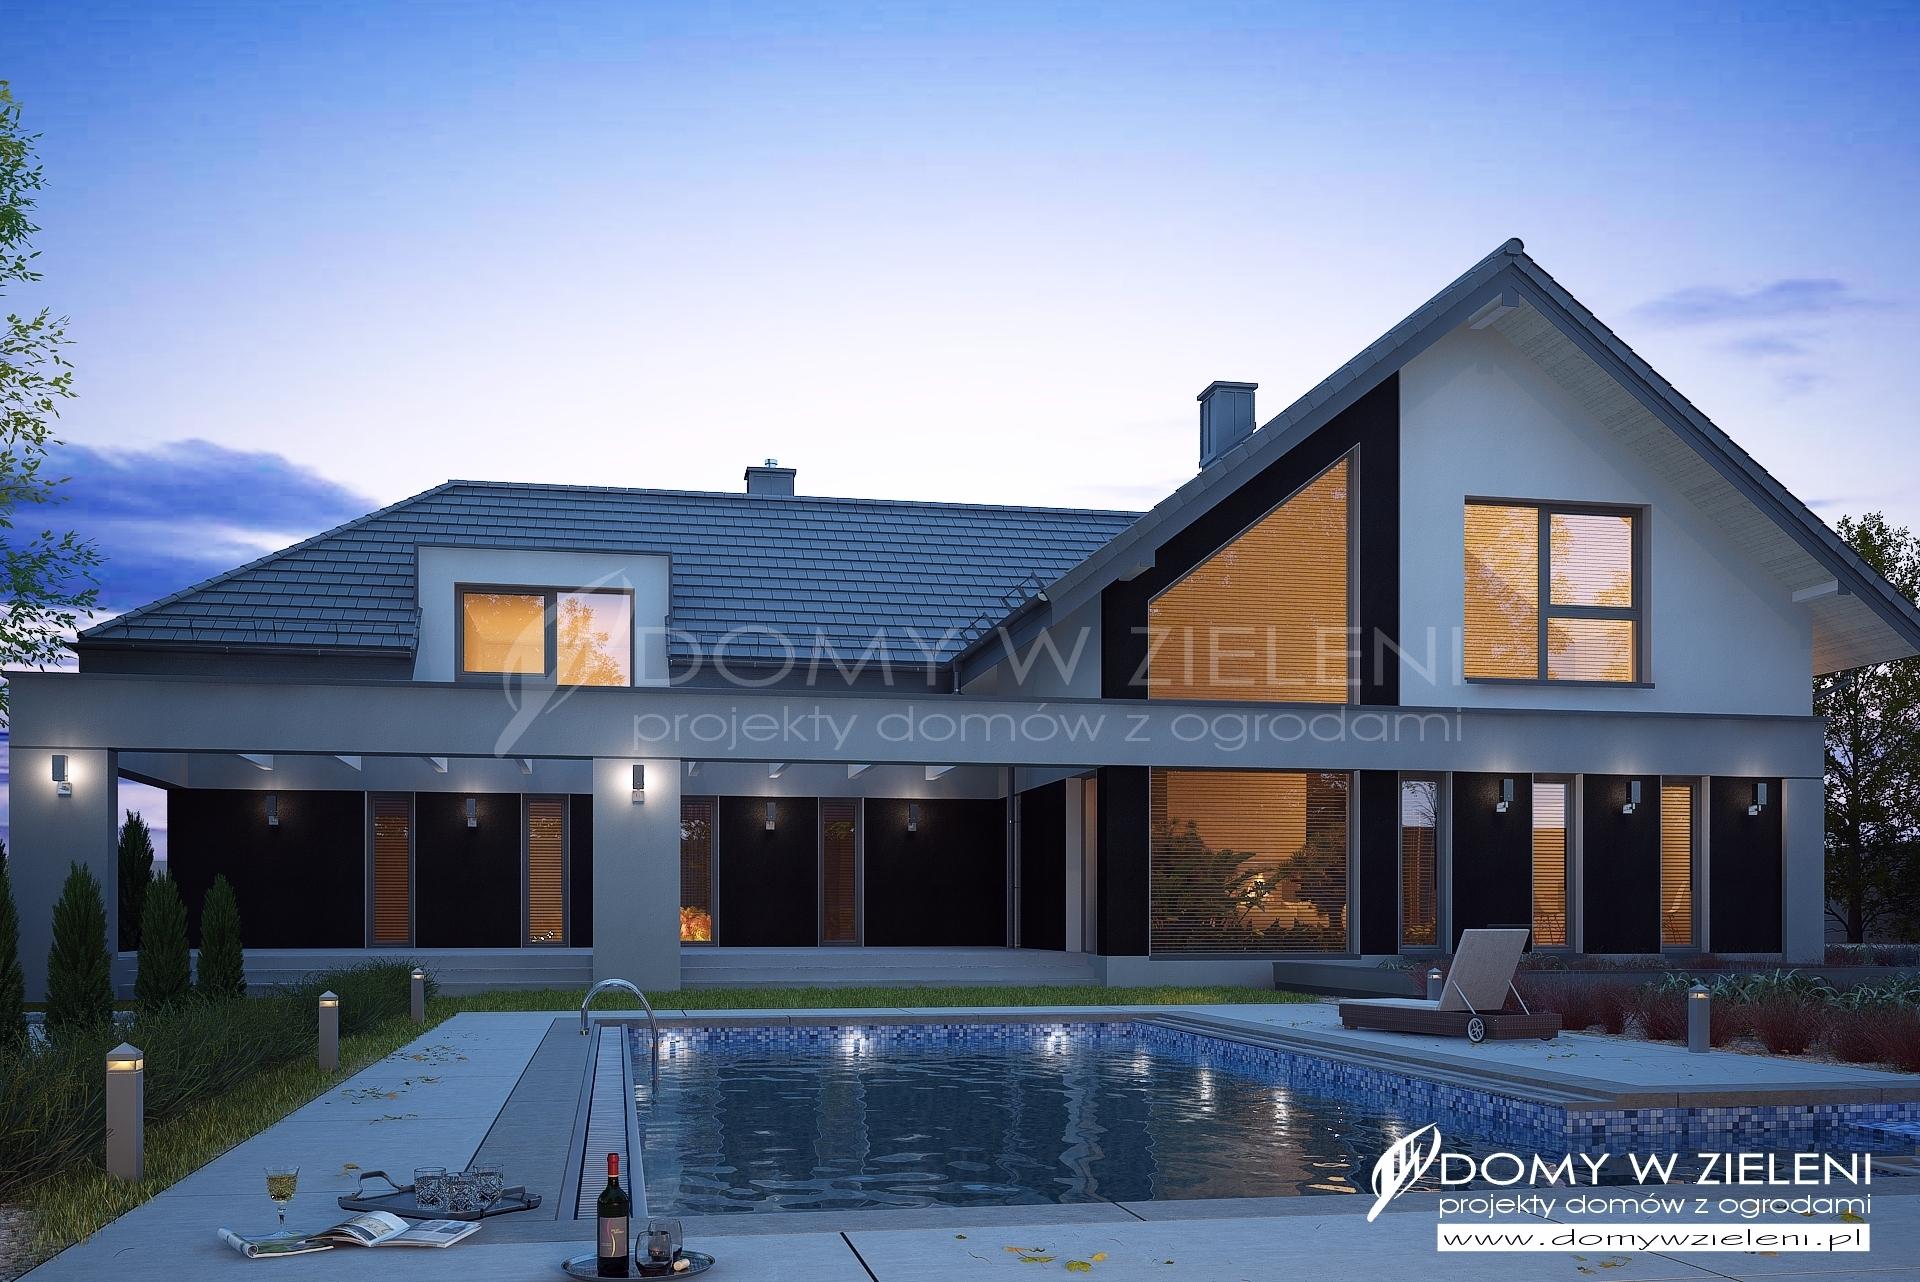 Gotowy Projekt Domu Tiala1 Domy W Zieleni Projekty Domów